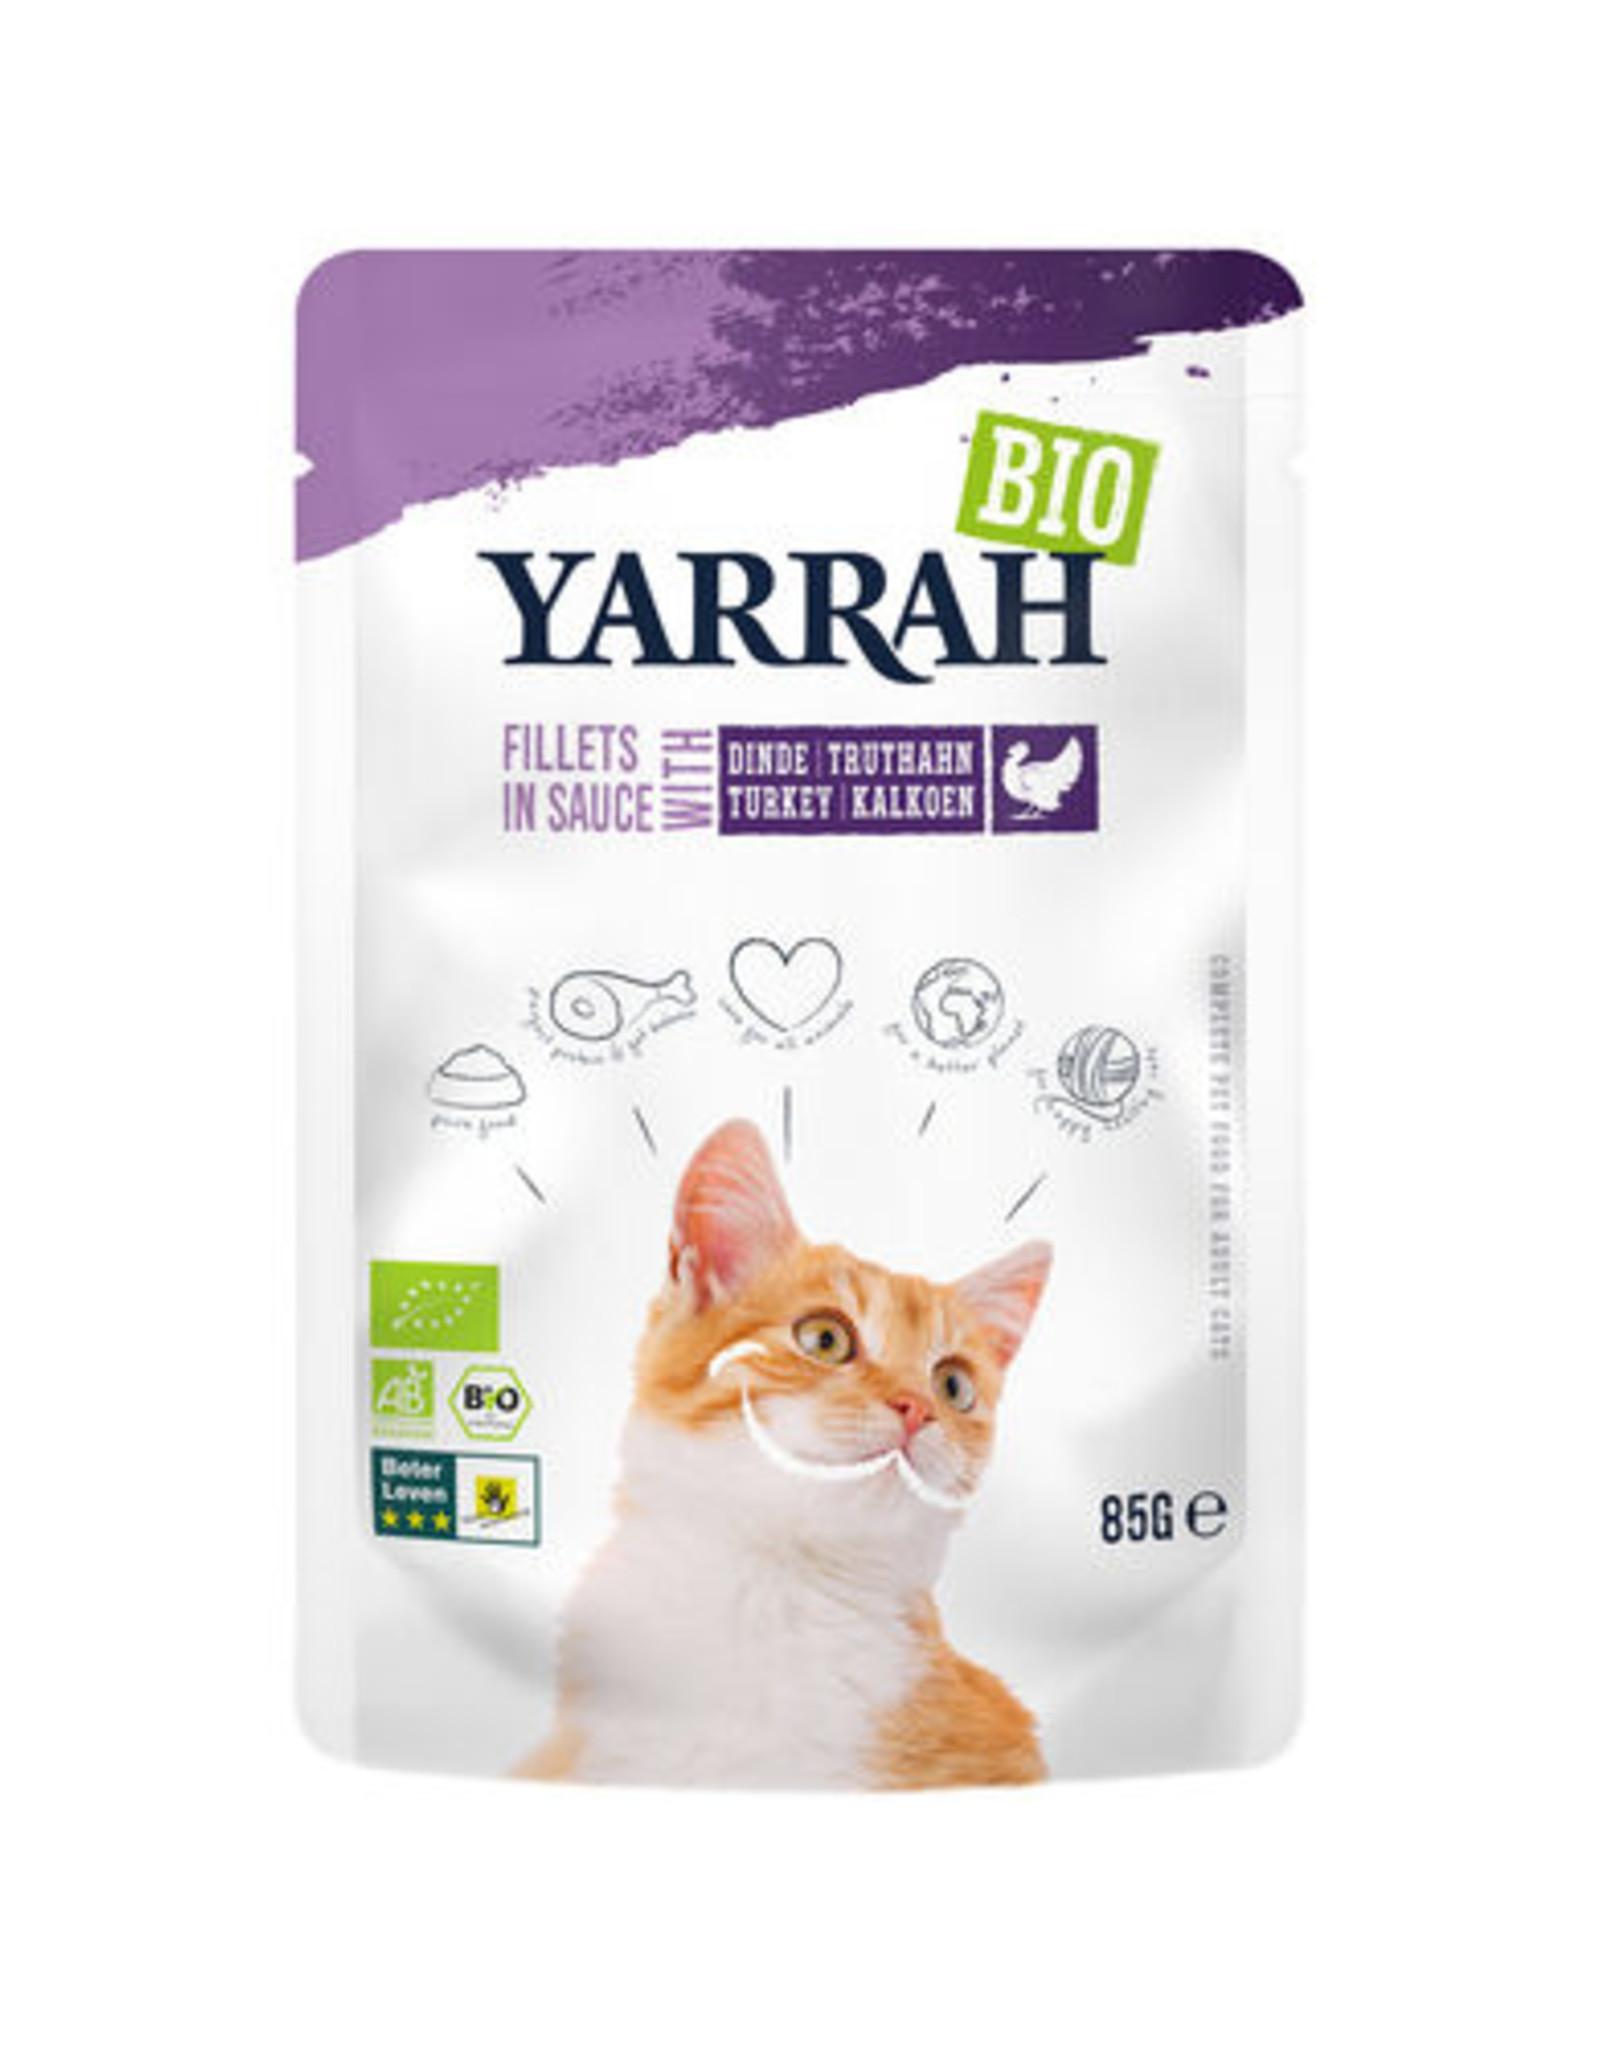 Yarrah Yarrah -  Pouch - Biologische filets met kalkoen in saus